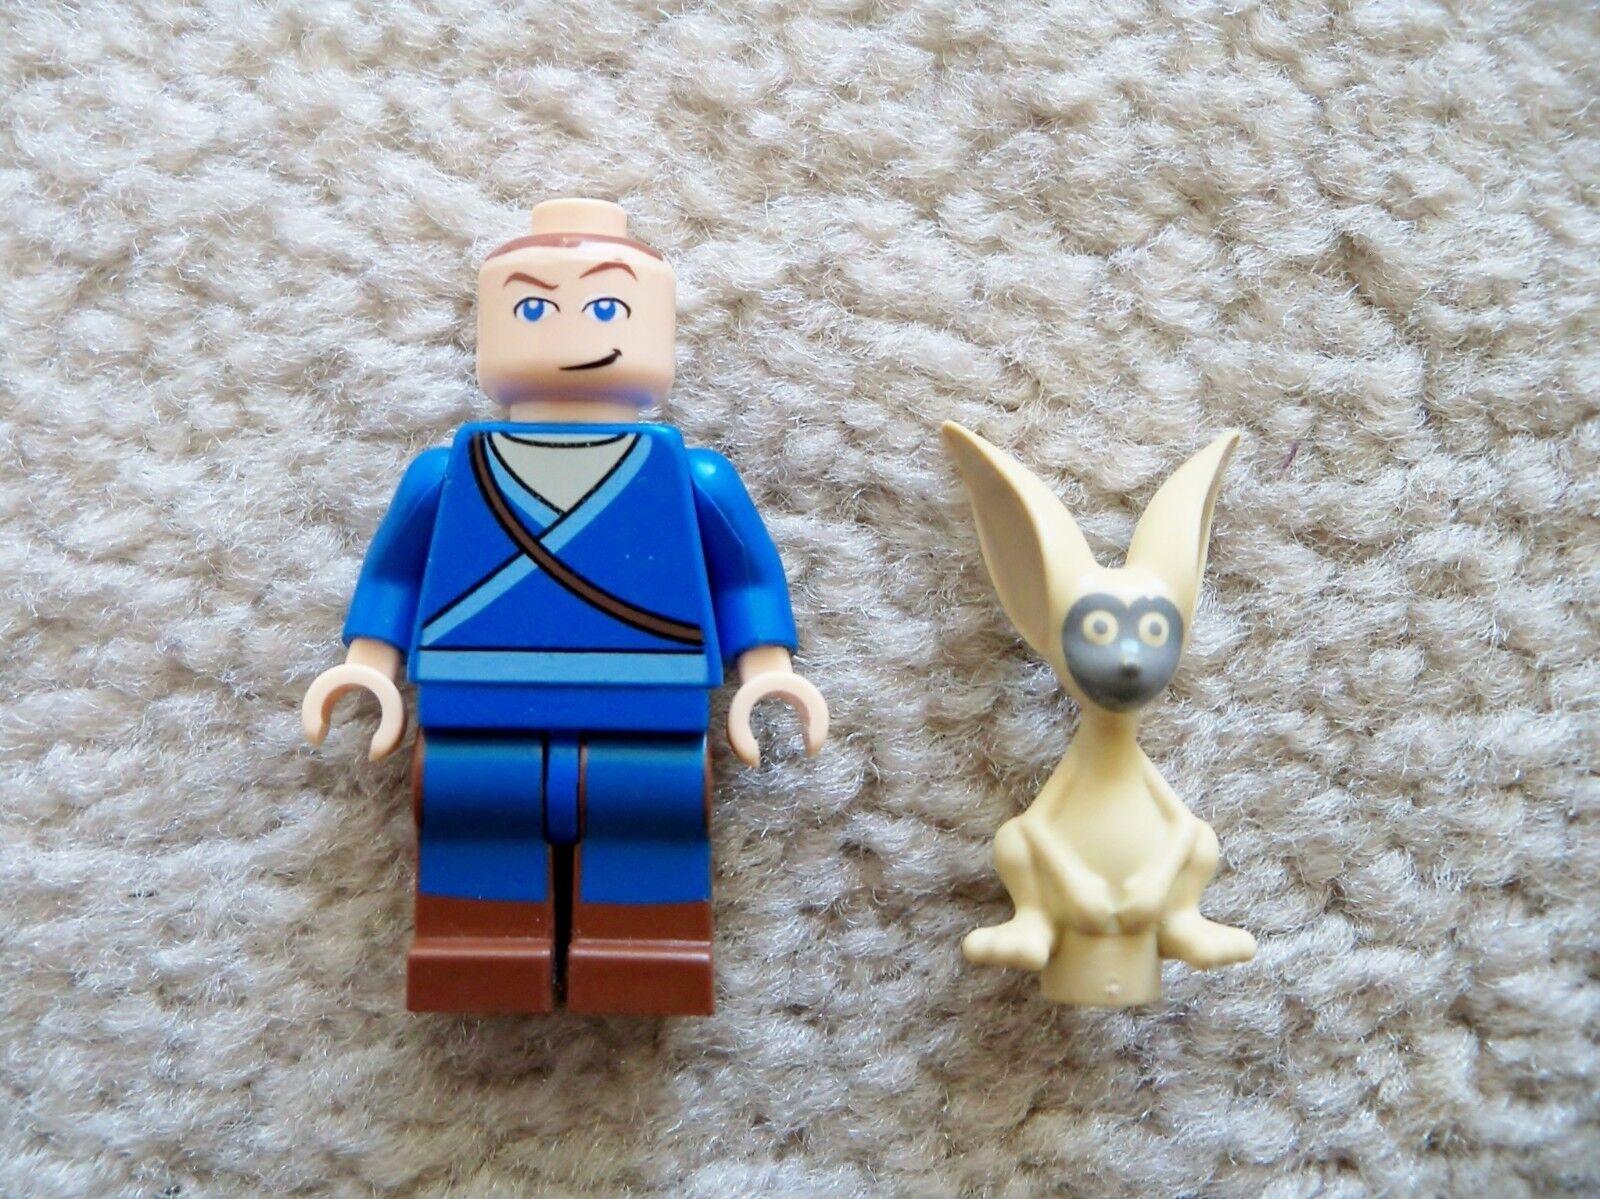 Lego Avatar The The The Last Airbender - Rare - Sokka Minifigurine & Momo Le 81e752